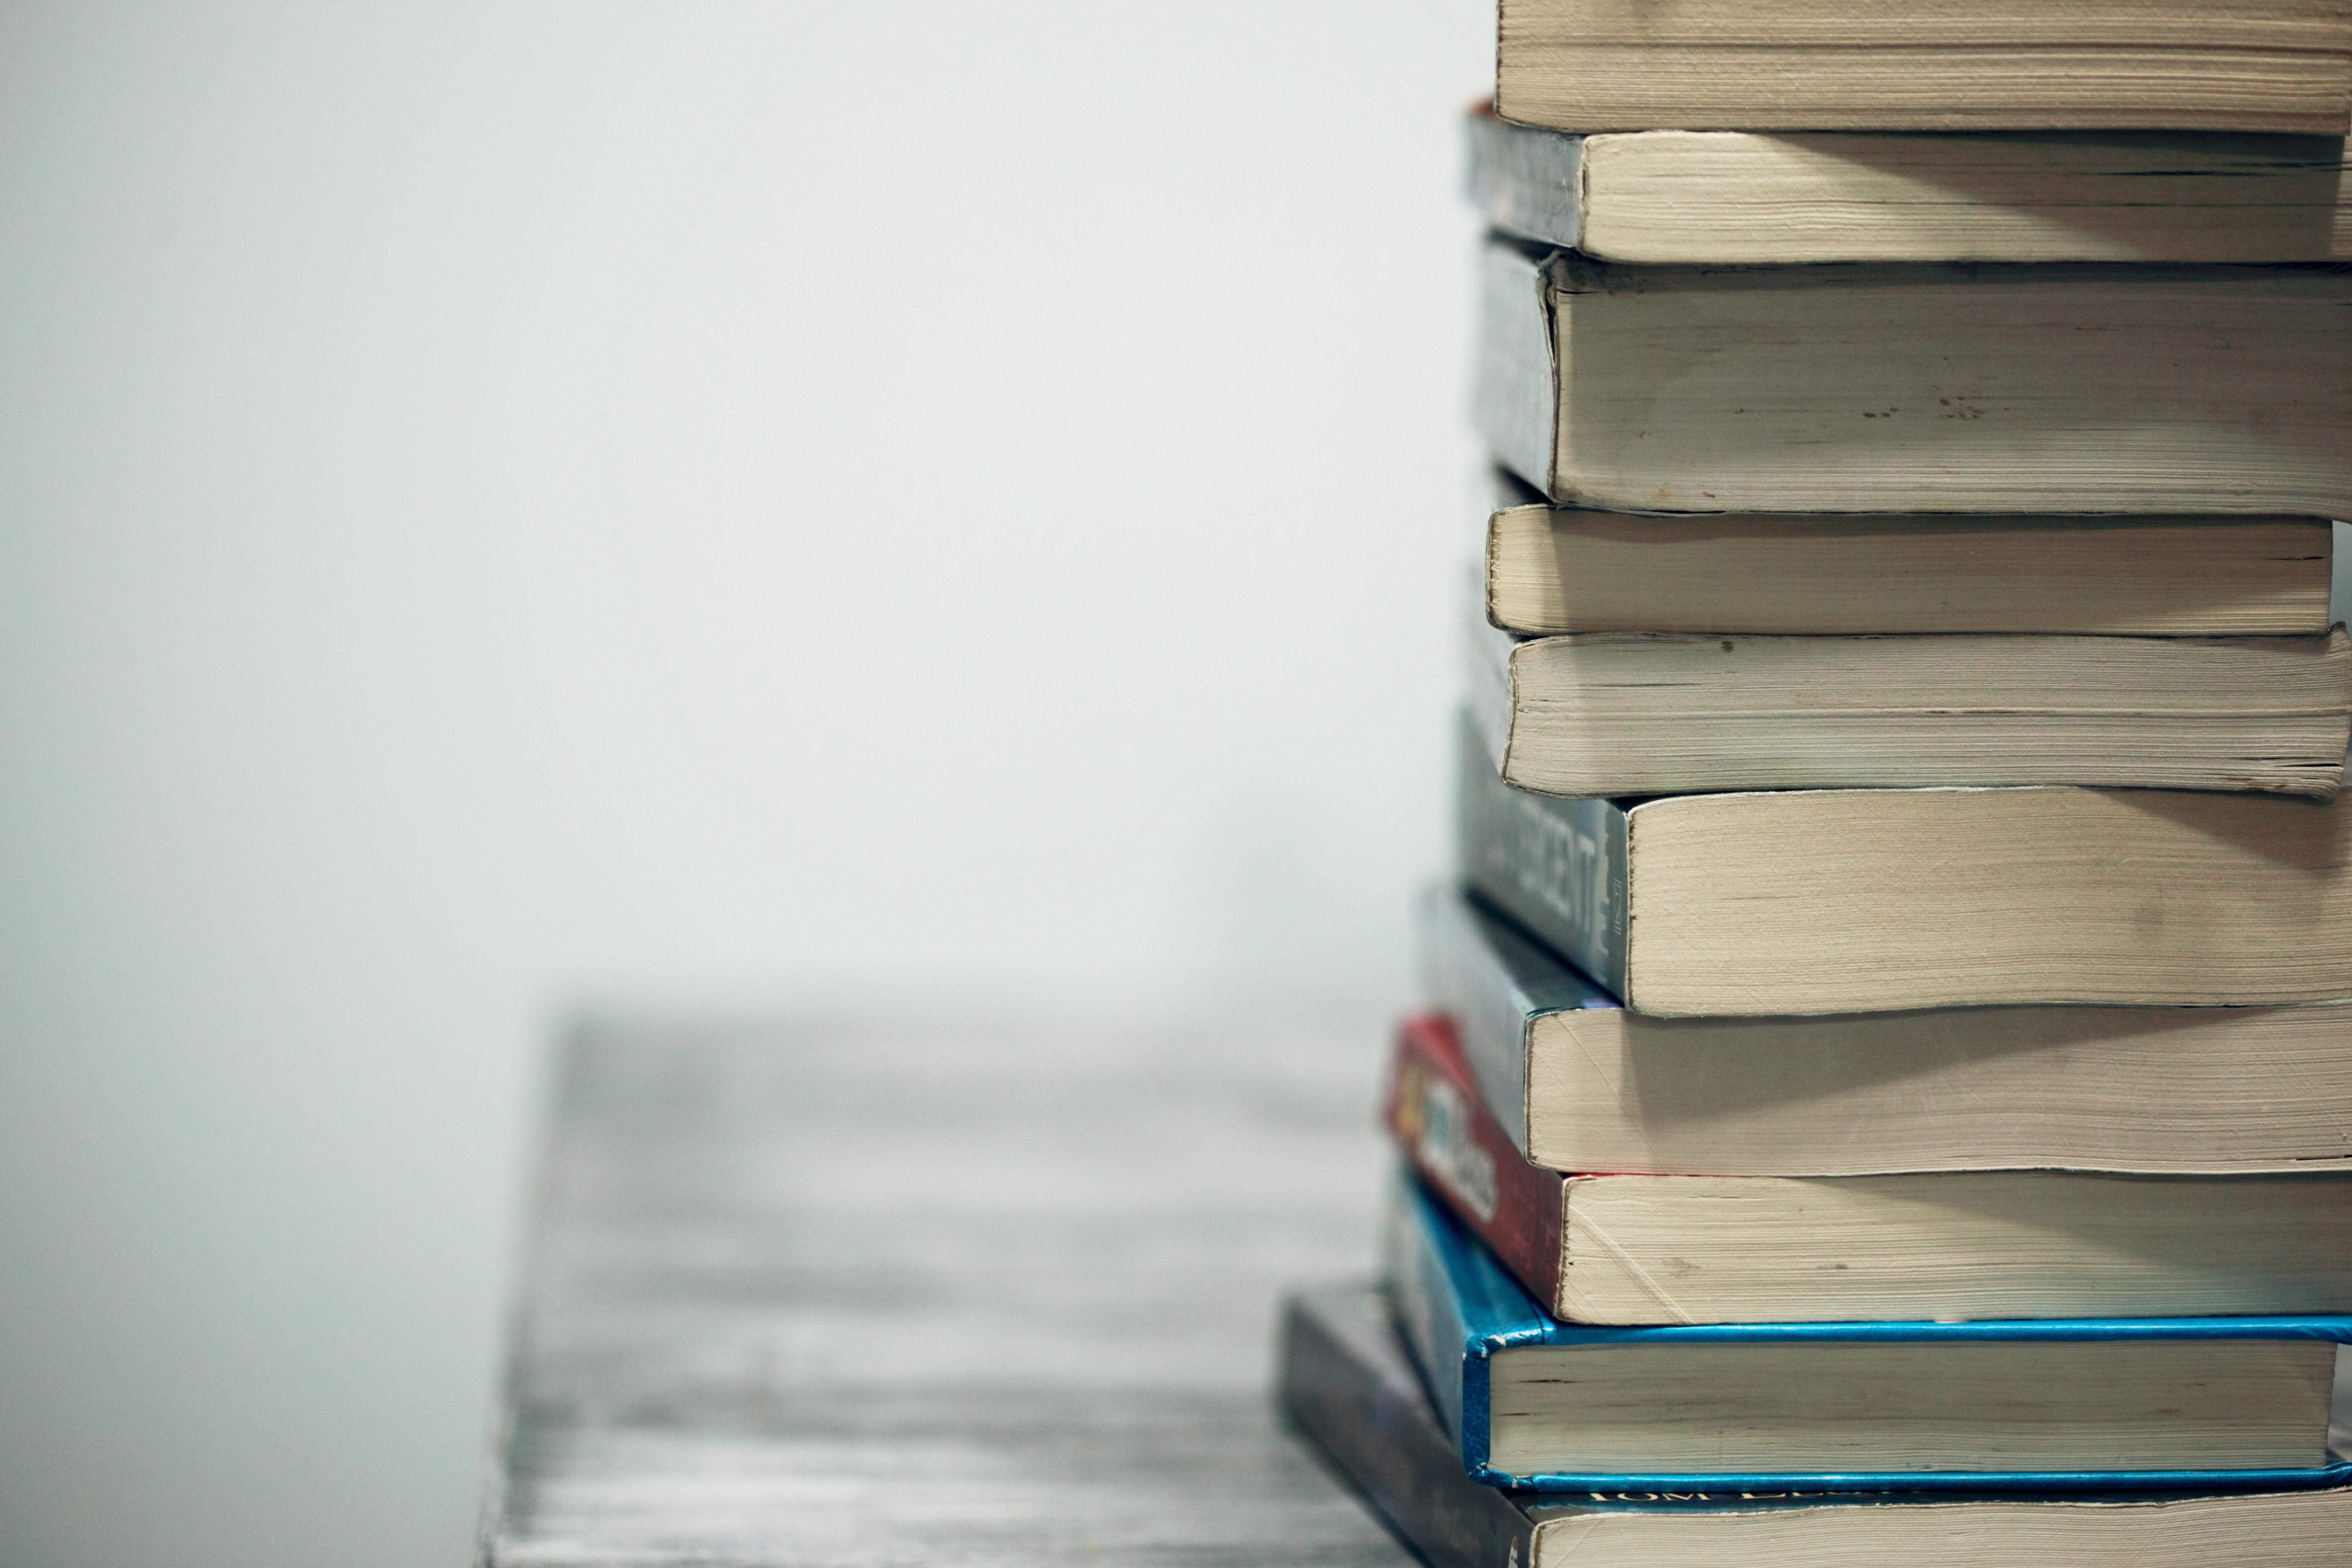 Foto de uma pilha de livros